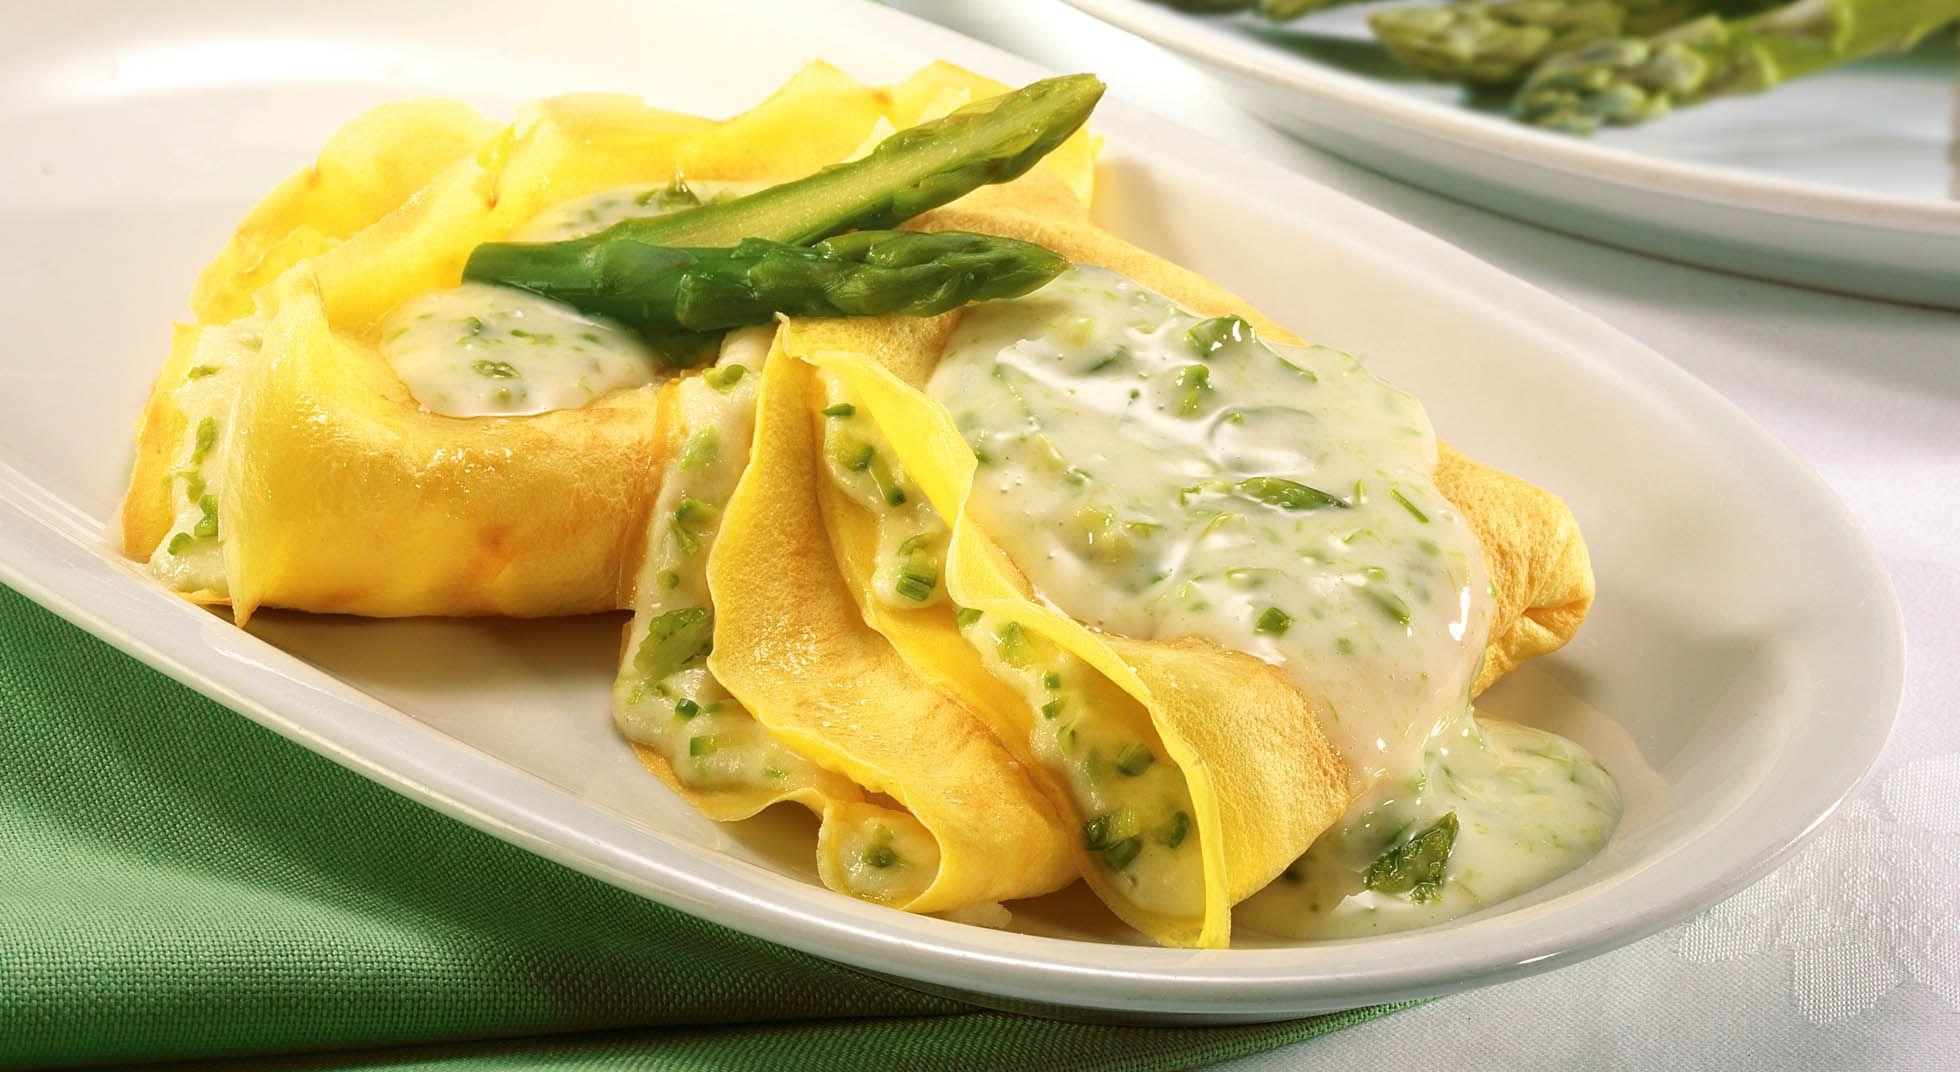 3fb12cbd9c0884173e804548b10813d5 - Ricette Crepes Salate